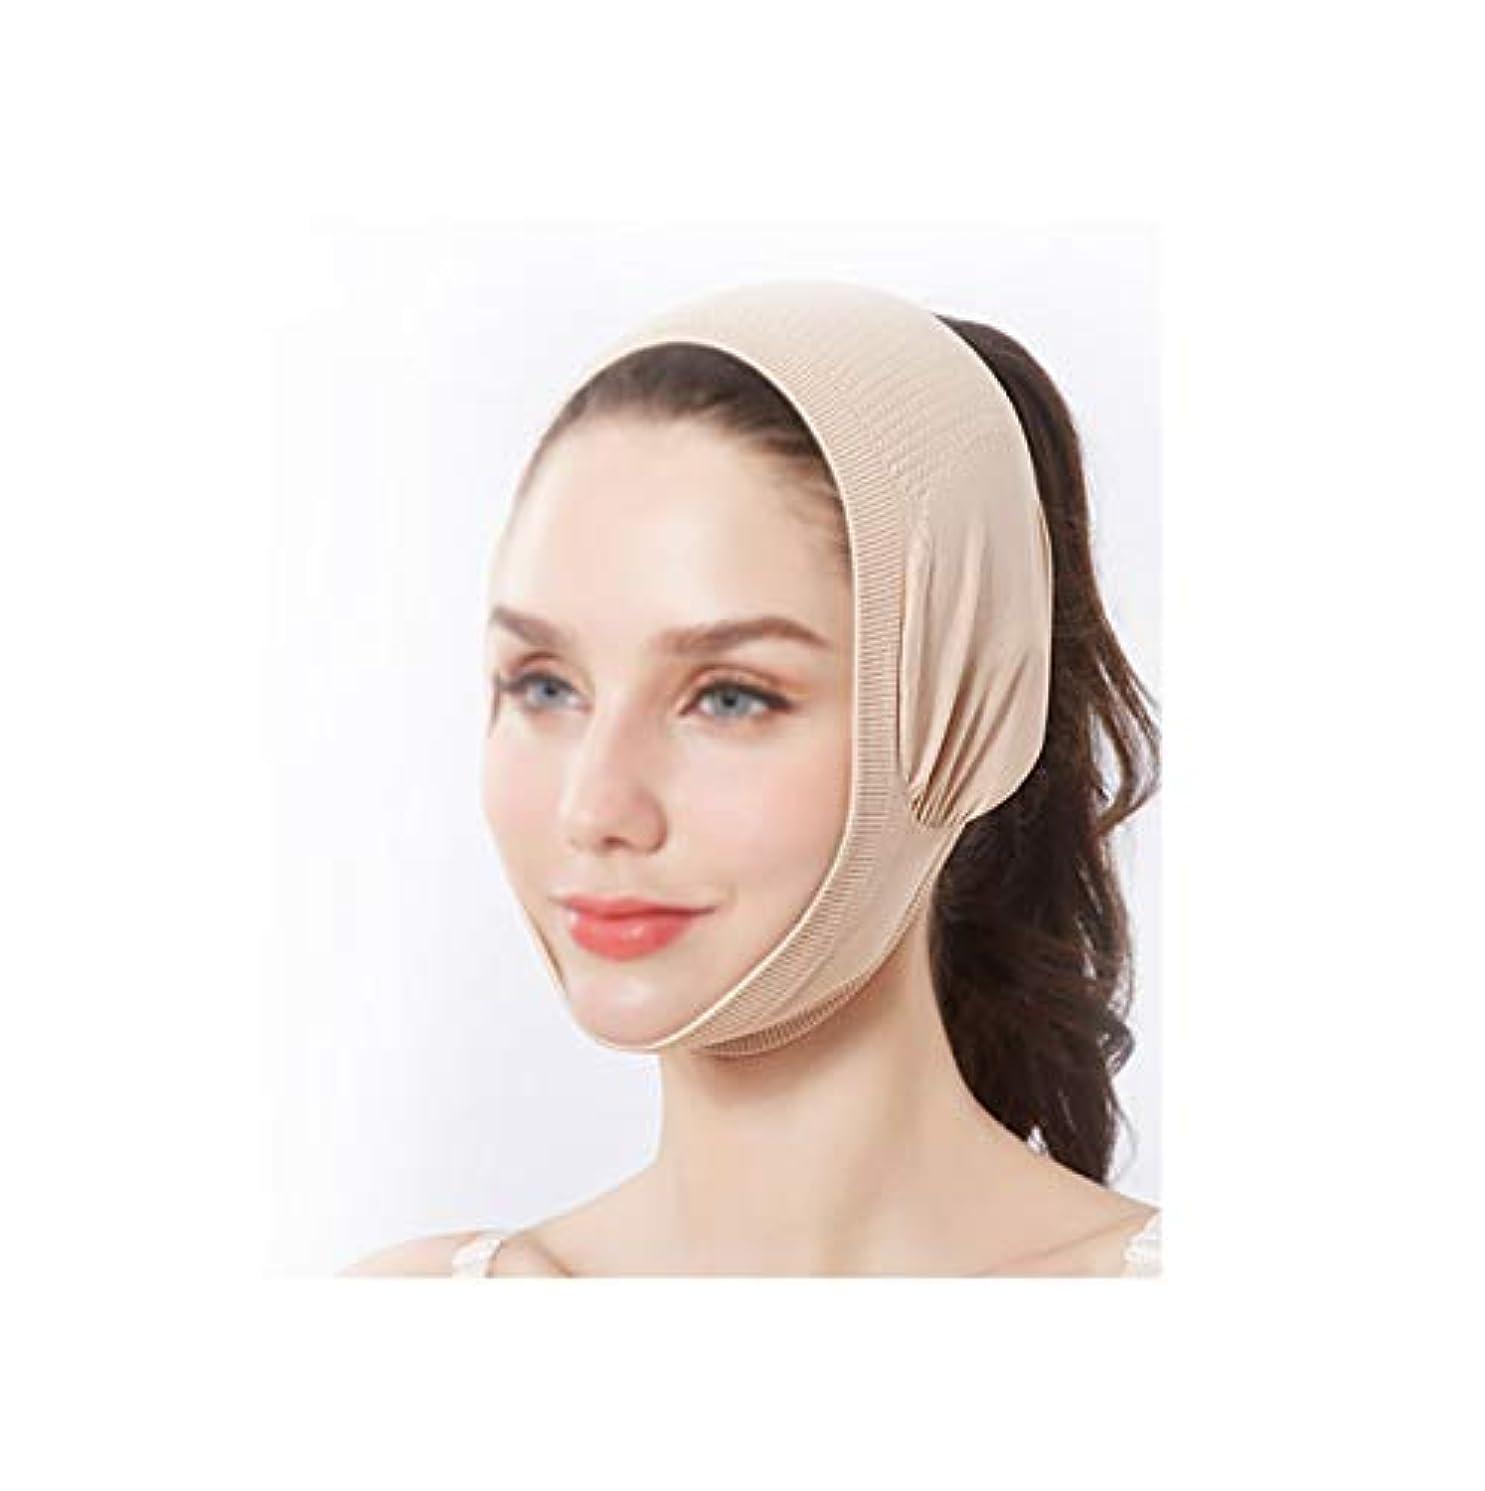 再発するバックグラウンド仕出しますTLMY フェイスリフトマスクマスクエクステンション強度フェースレス包帯フェイシャルラージVライン彫刻フェイシャルバックカバーネックバンド 顔用整形マスク (Color : Skin tone)